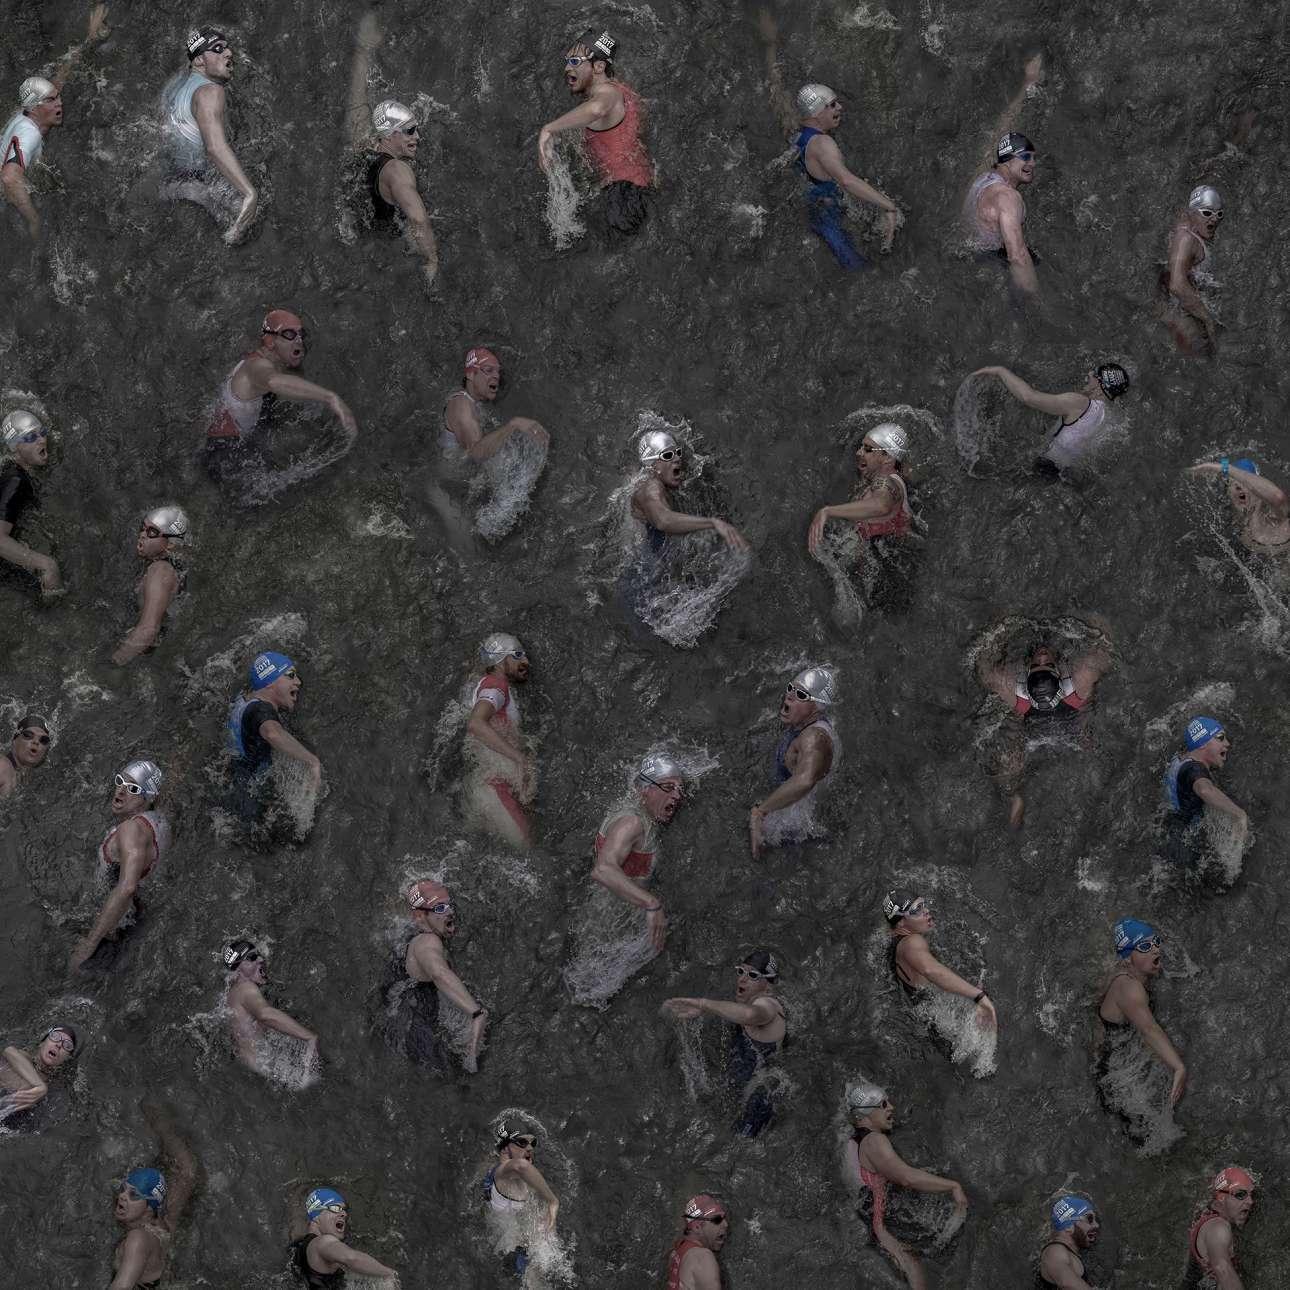 Βραβείο στην κατηγορία Γενικό Χρώμα. «Κάθε ανάσα που παίρνεις»: o γερμανός φωτογράφος συνέθεσε την τελική εικόνα χρησιμοποιώντας καρέ από 35 διαφορετικούς κολυμβητές, τα οποία τράβηξε κατά τη διεξαγωγή του Τρίαθλου στο Ντίσελντορφ. Κατάφερε να τραβήξει τη φωτογραφία από πάνω, από μία γέφυρα πεζών, αποτυπώνοντας με αυτό τον τρόπο το διαφορετικό στιλ αναπνοής του κάθε κολυμβητή